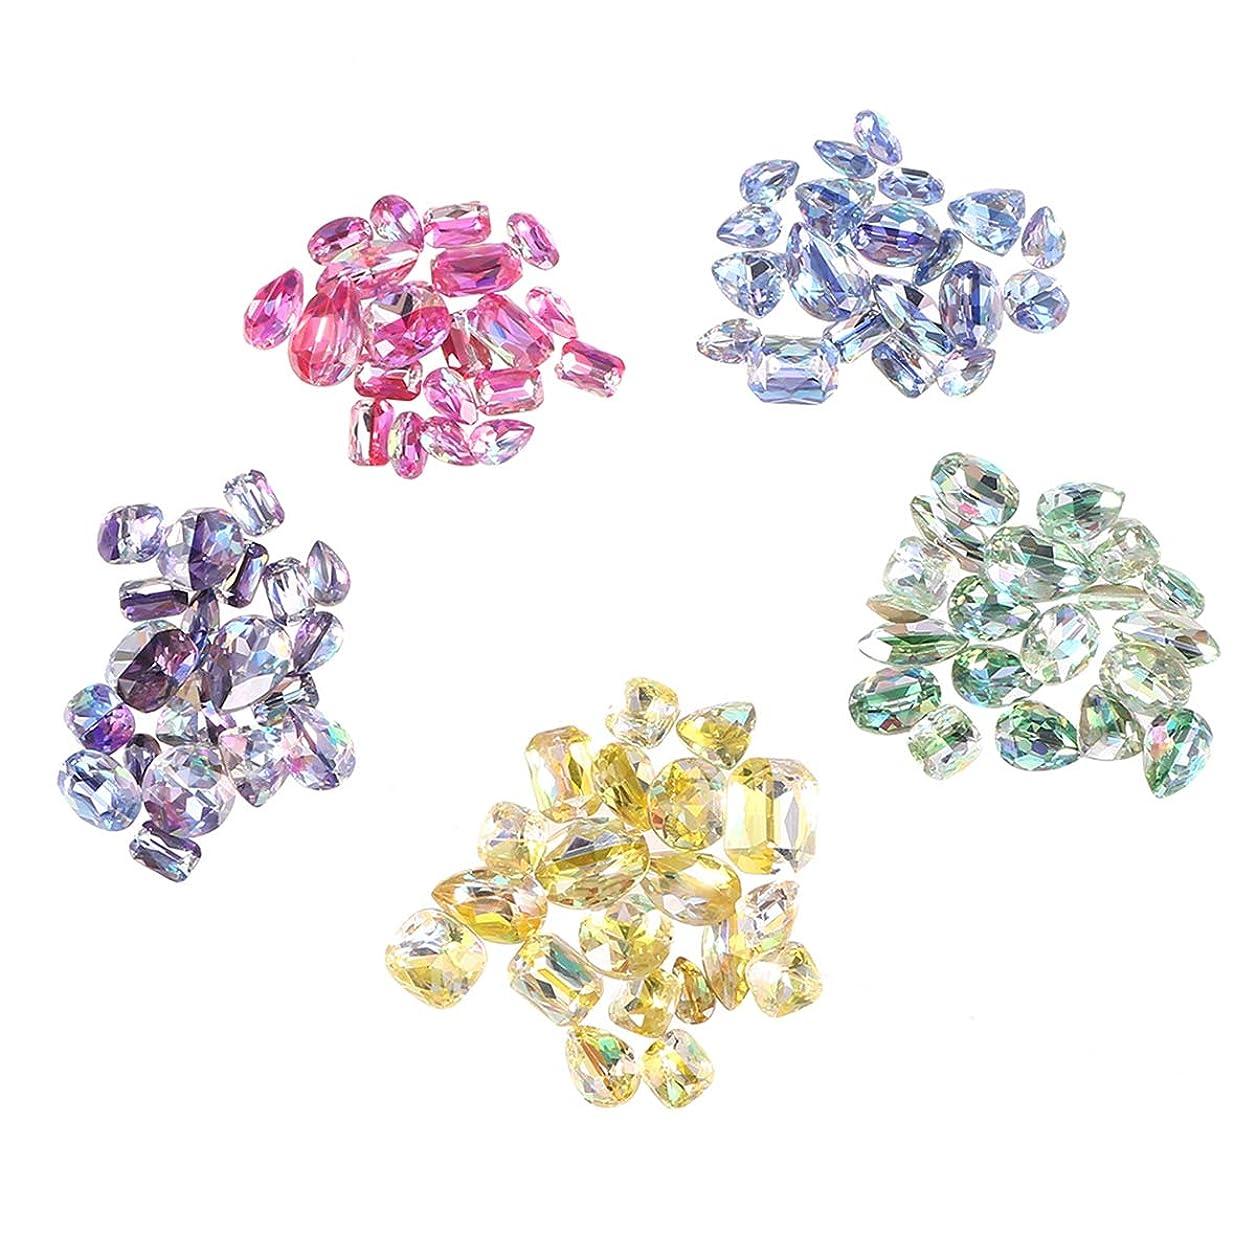 メトロポリタン熟すチーターLurrose ガラス ラインストーン マニキュア ストーン カラフル ネイルアクセサリー 女性 レディー 20色 ランダム 混合 100ピース